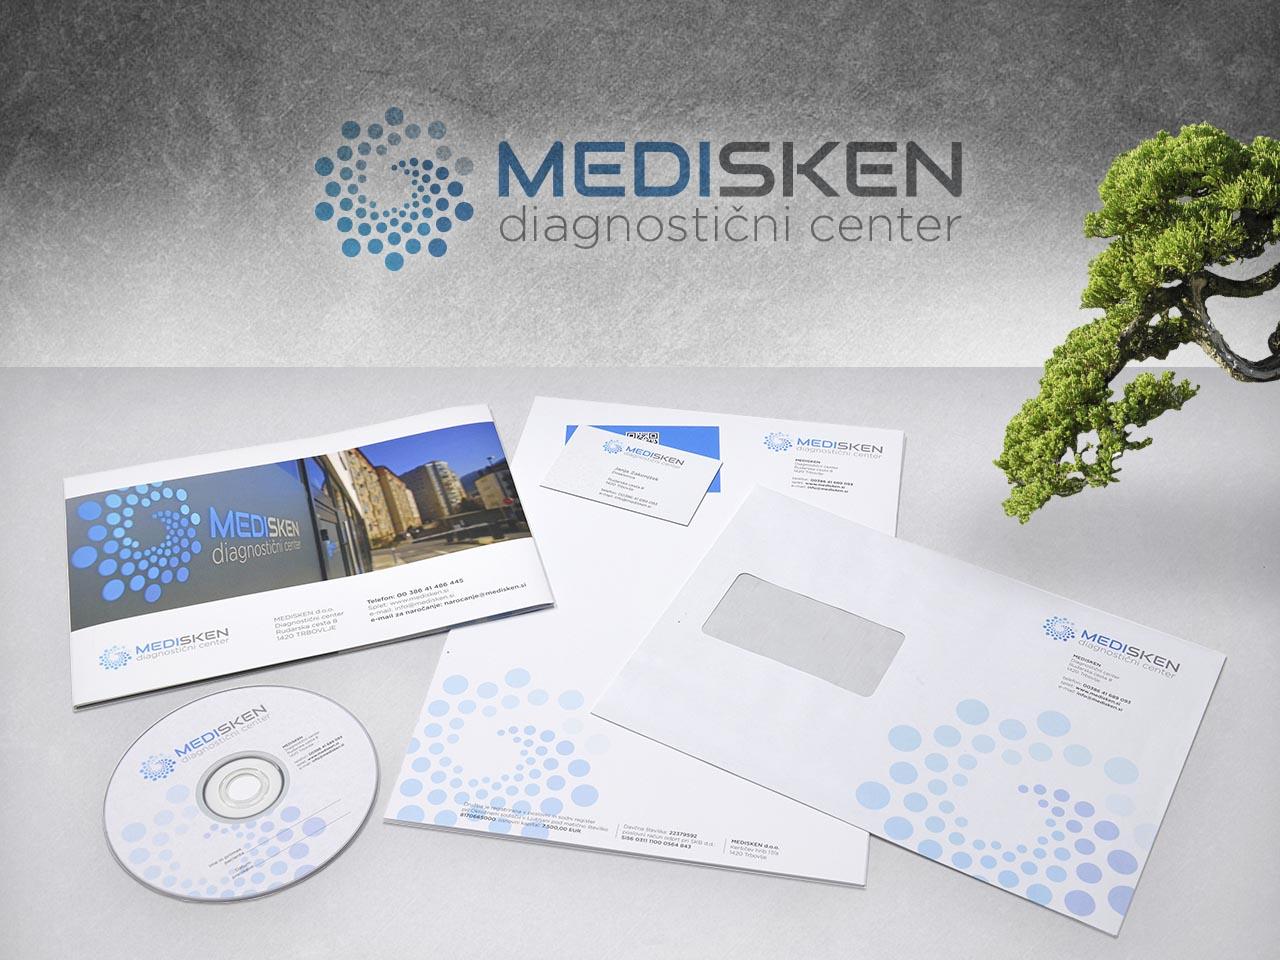 Corporate identity - Medisken